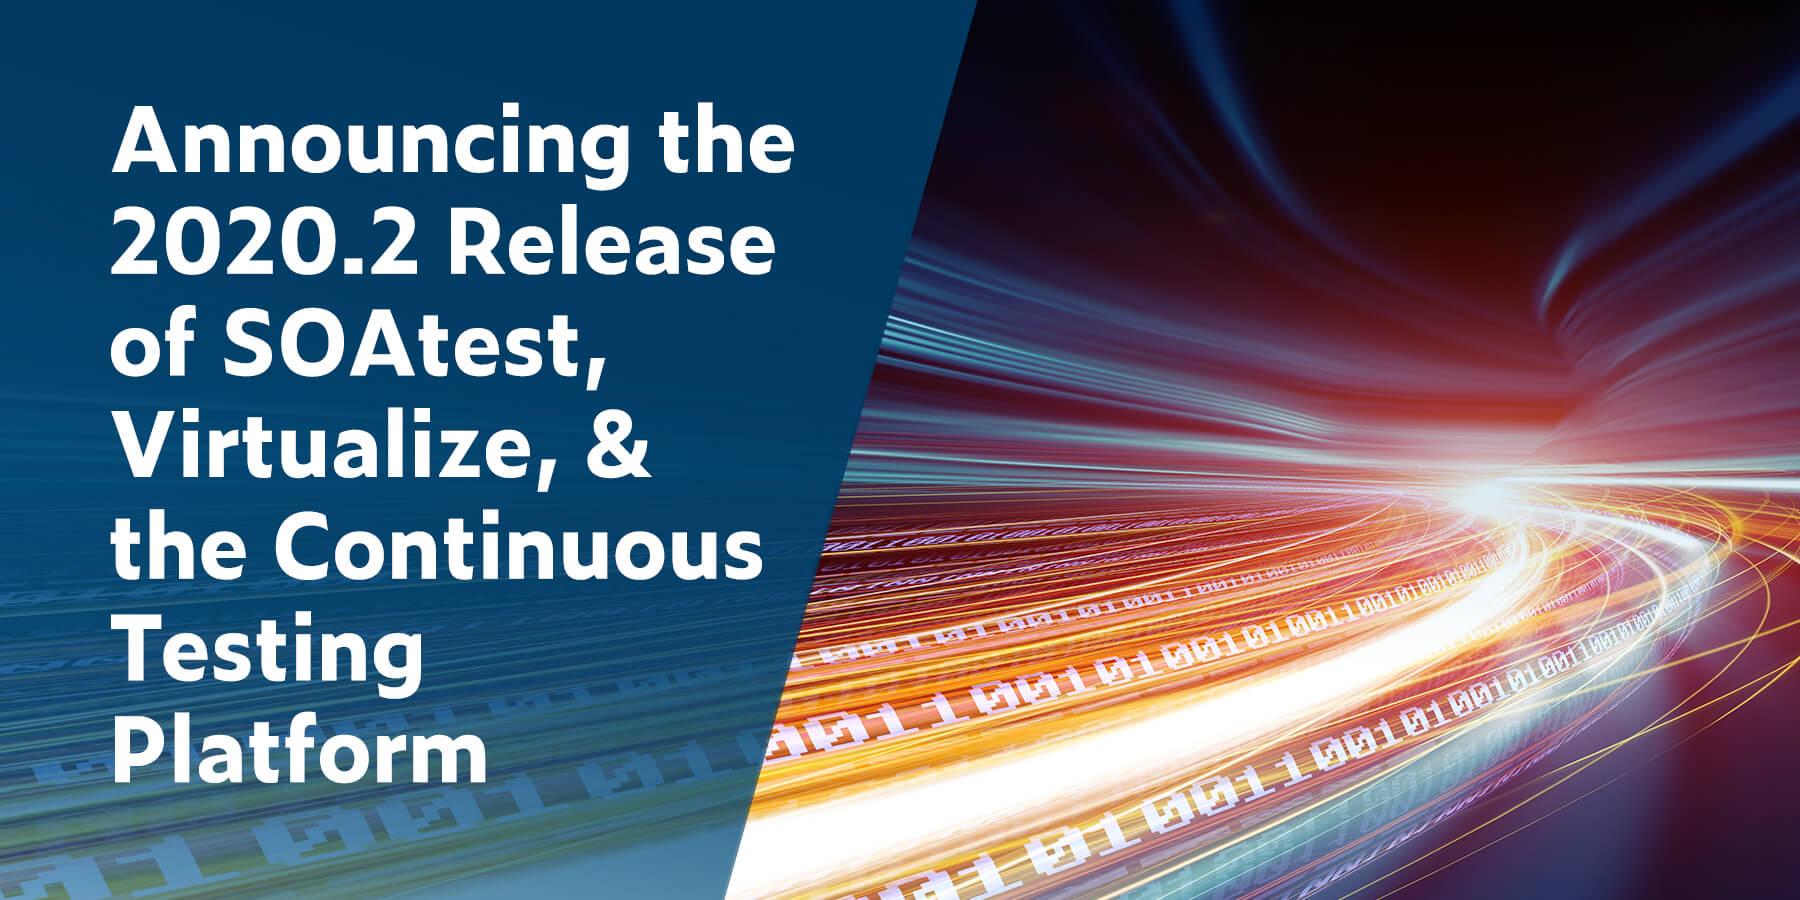 Anuncio del lanzamiento 2020.2 de SOAtest, Virtualize y la plataforma de prueba continua